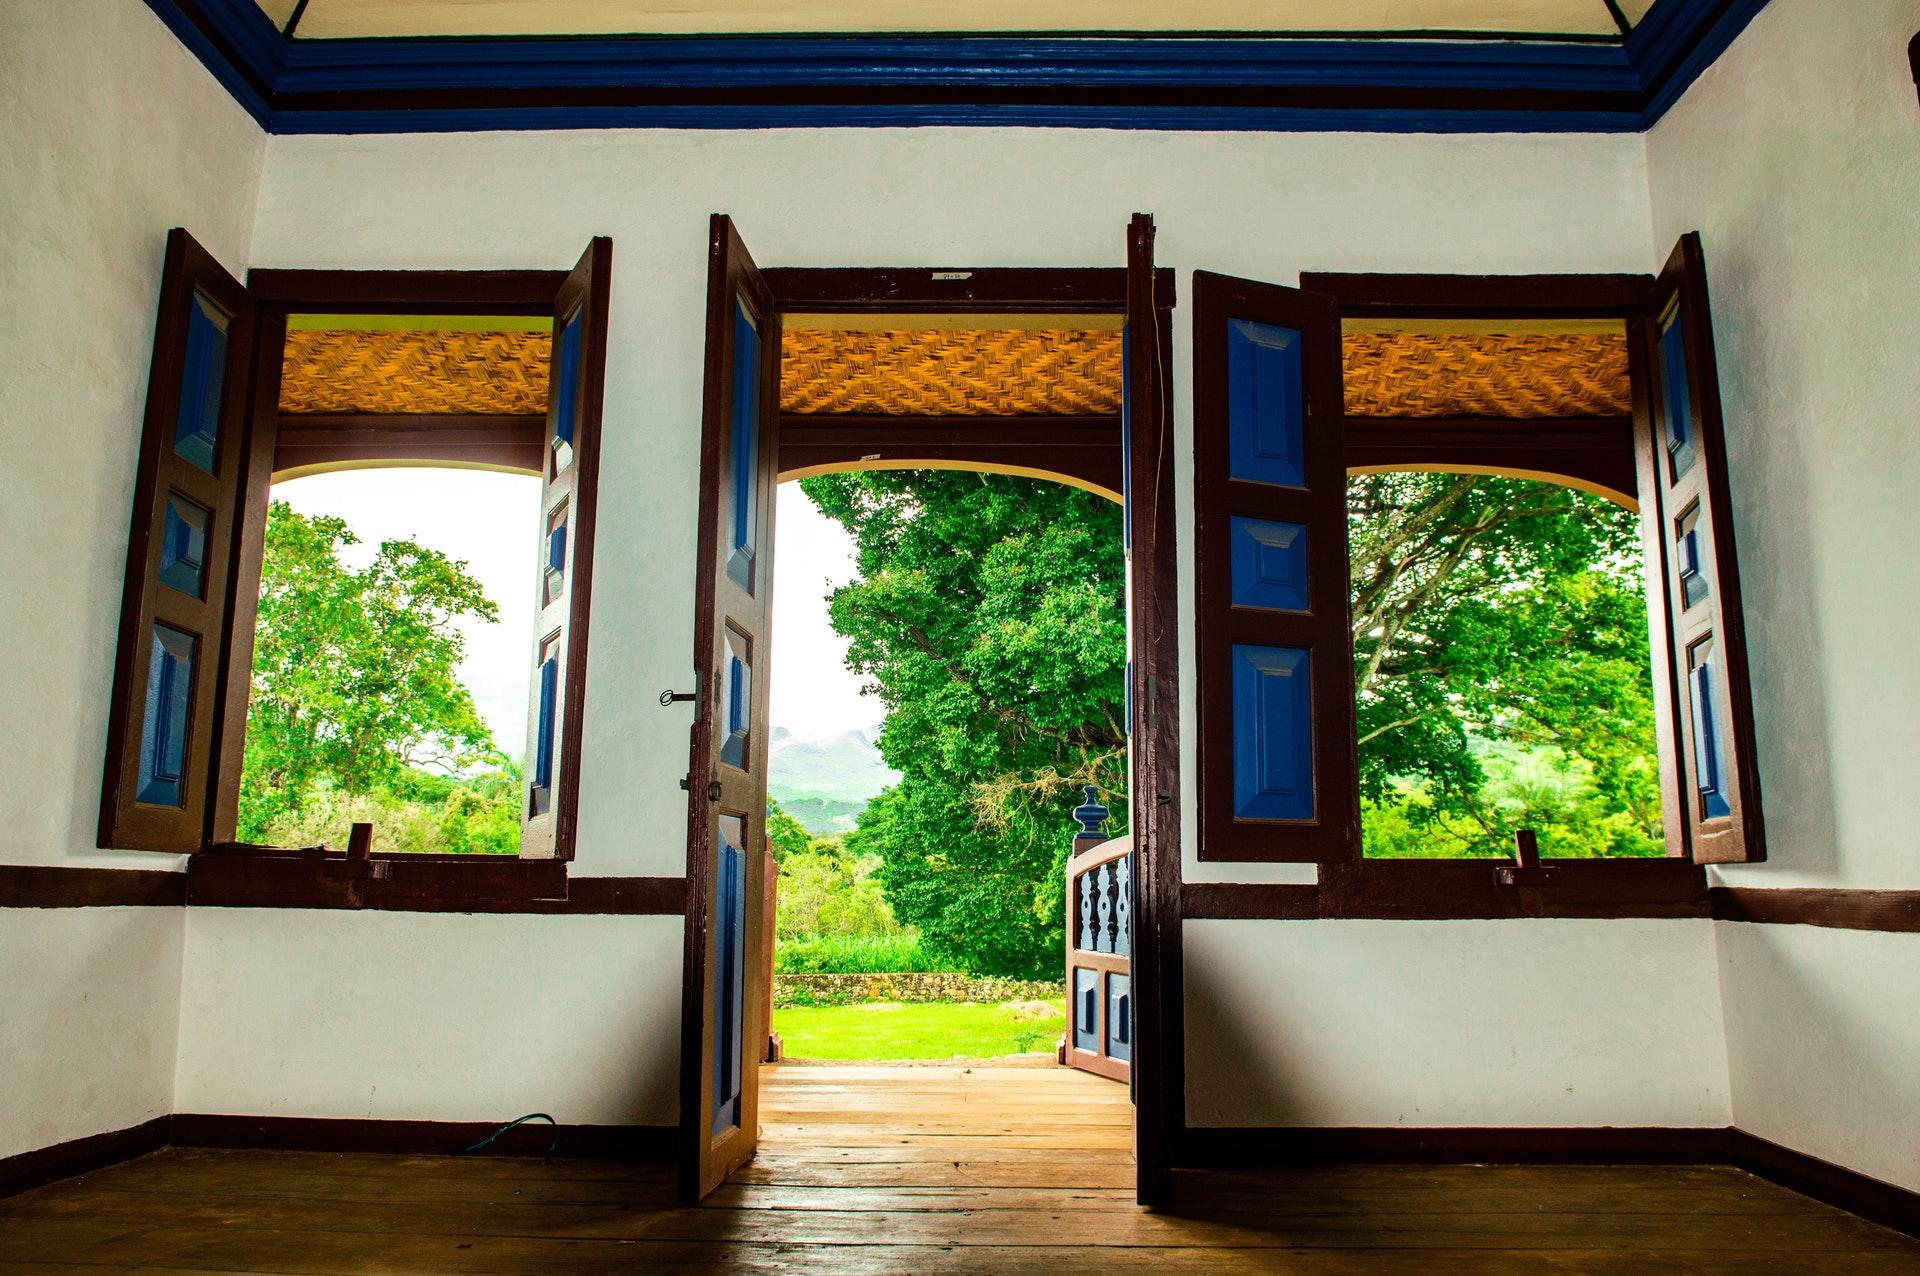 Duas janelas e uma porta aberta com vista para o exterior